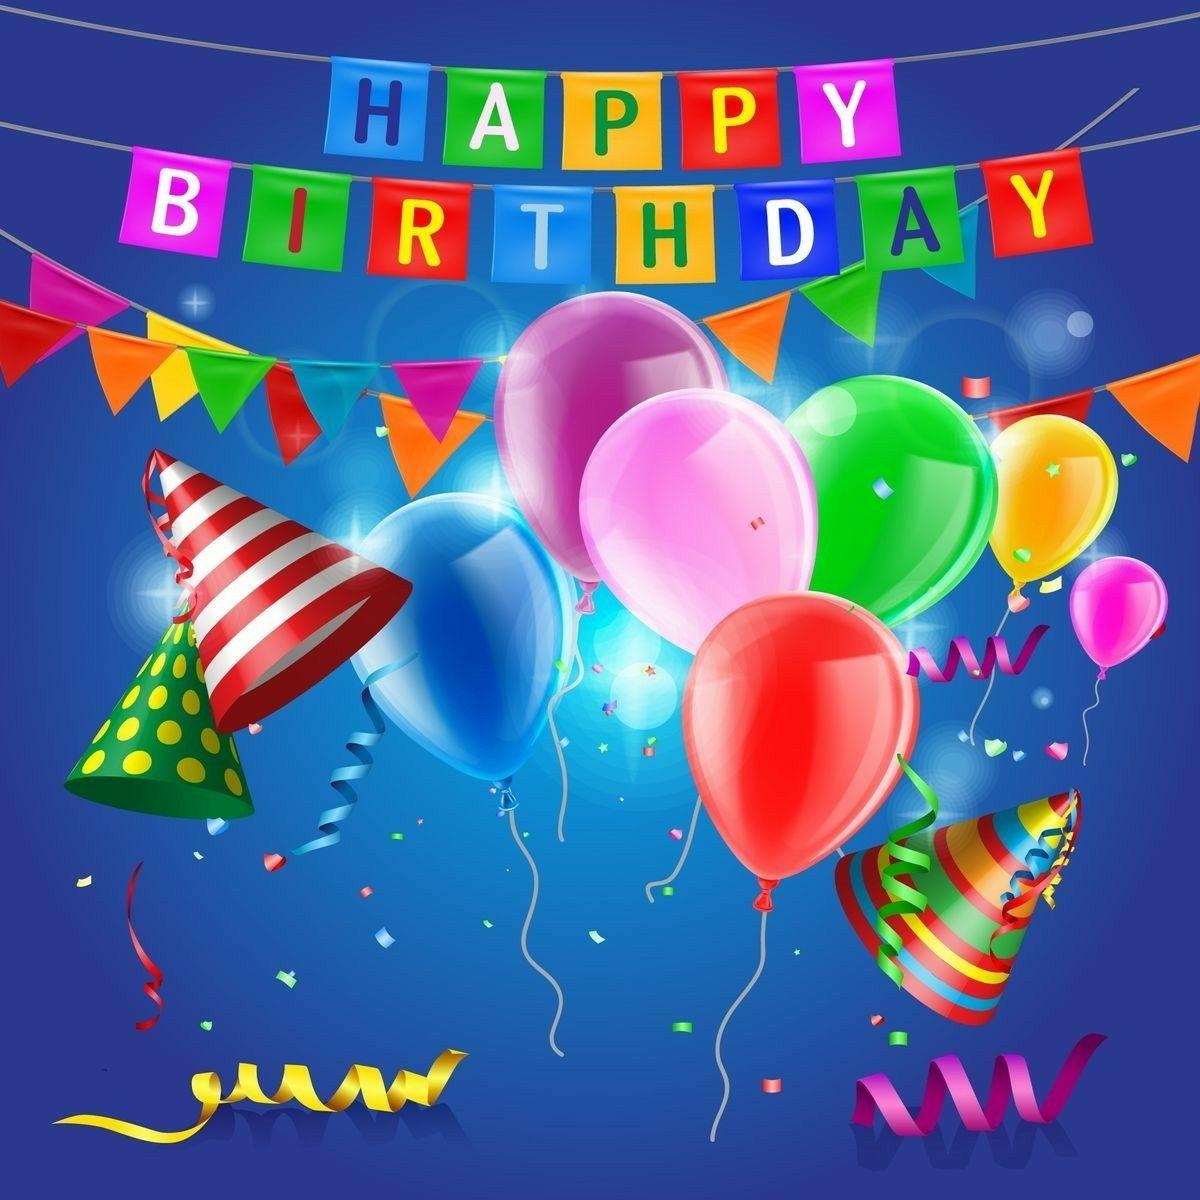 6bafdb20e90e60b7bdaa754be8d5a85e pin by karen ford robinson on birthday wishes pinterest happy